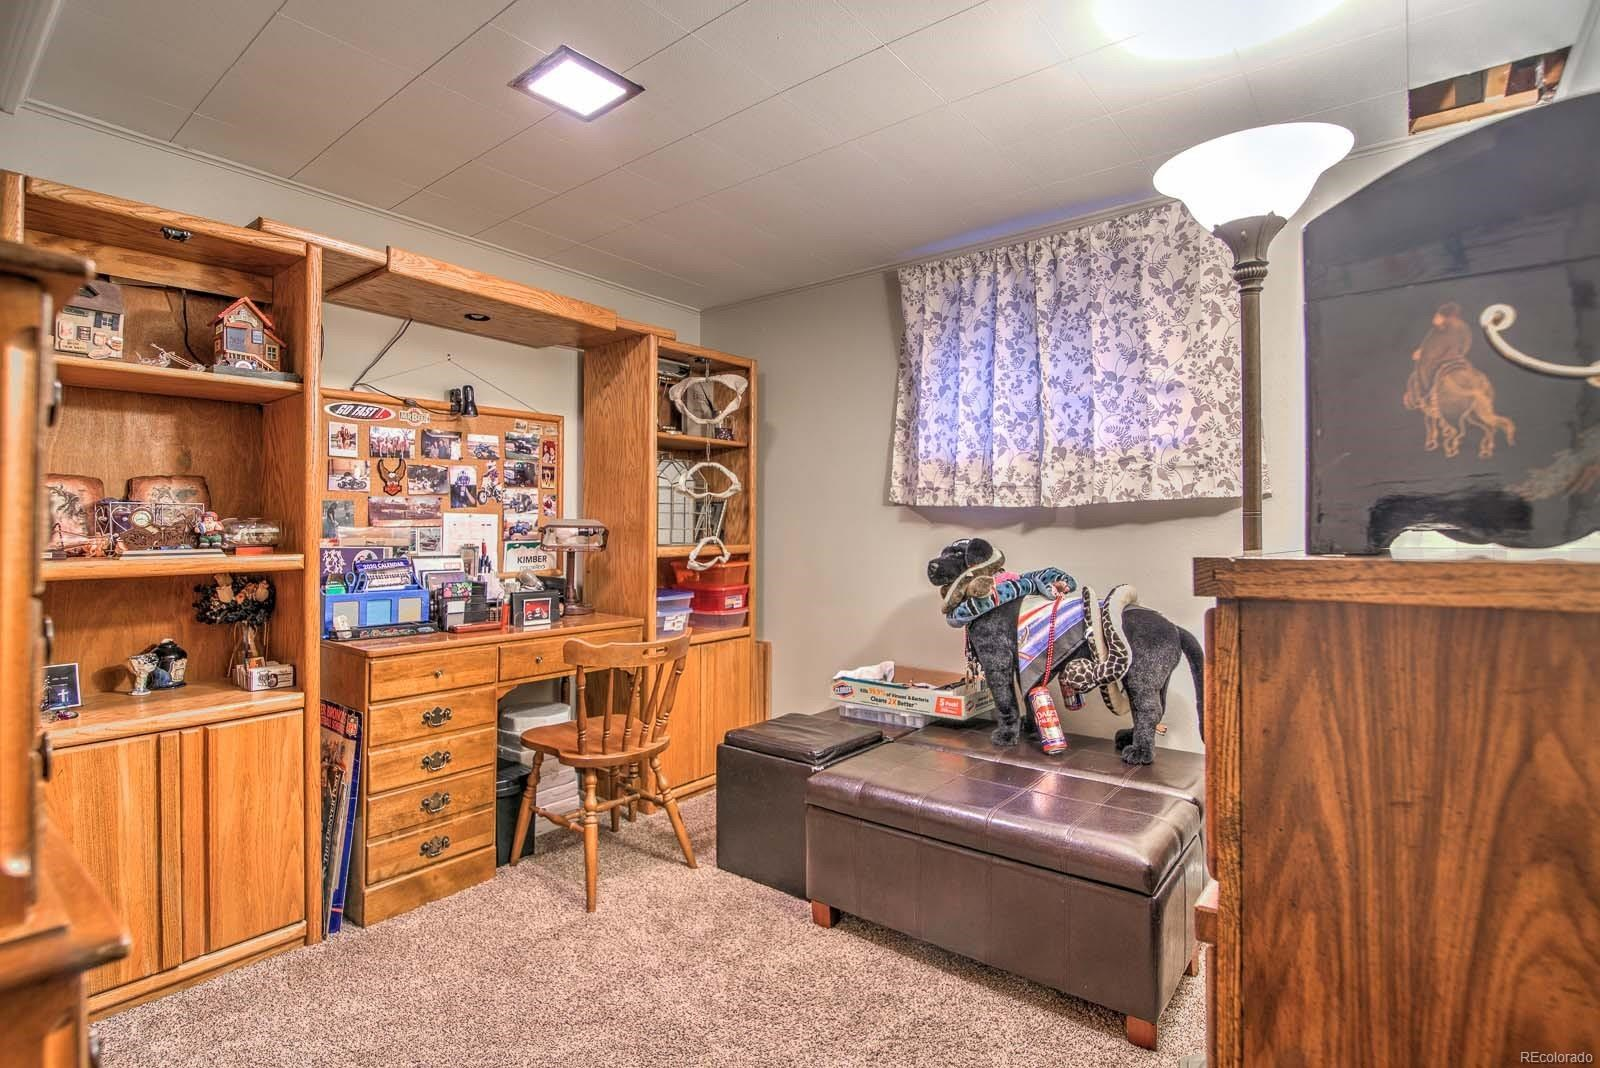 MLS# 8691138 - 18 - 8189 Benton Way, Arvada, CO 80003